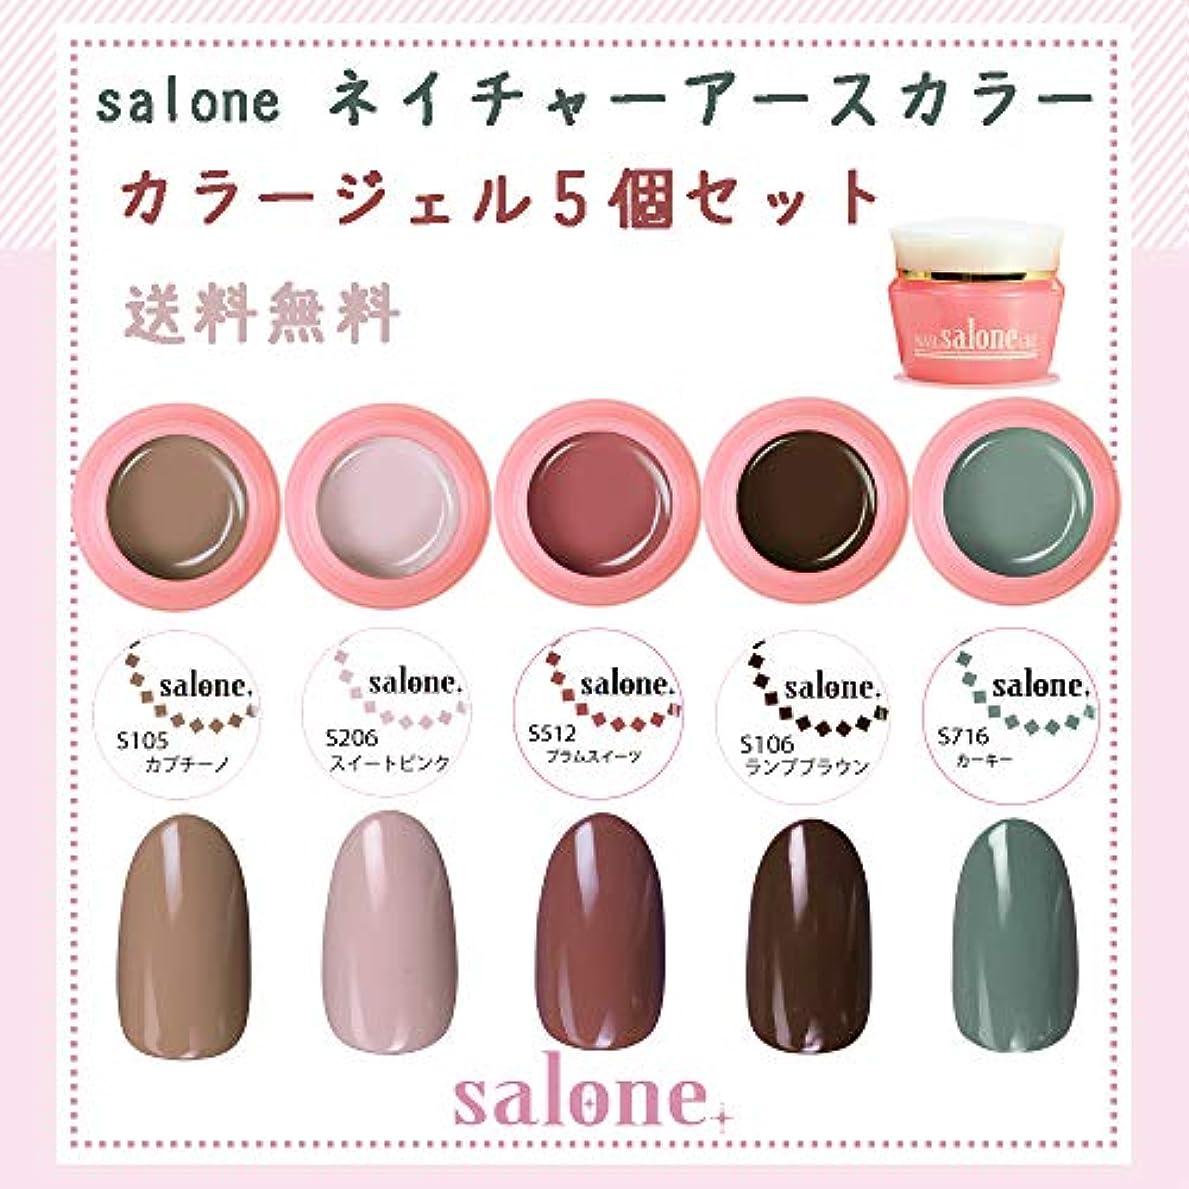 慢性的安全なきつく【送料無料 日本製】Salone ネイチャーアースカラー カラージェル5個セット ボタニカルでネイチャーなカラーをチョイスしました。